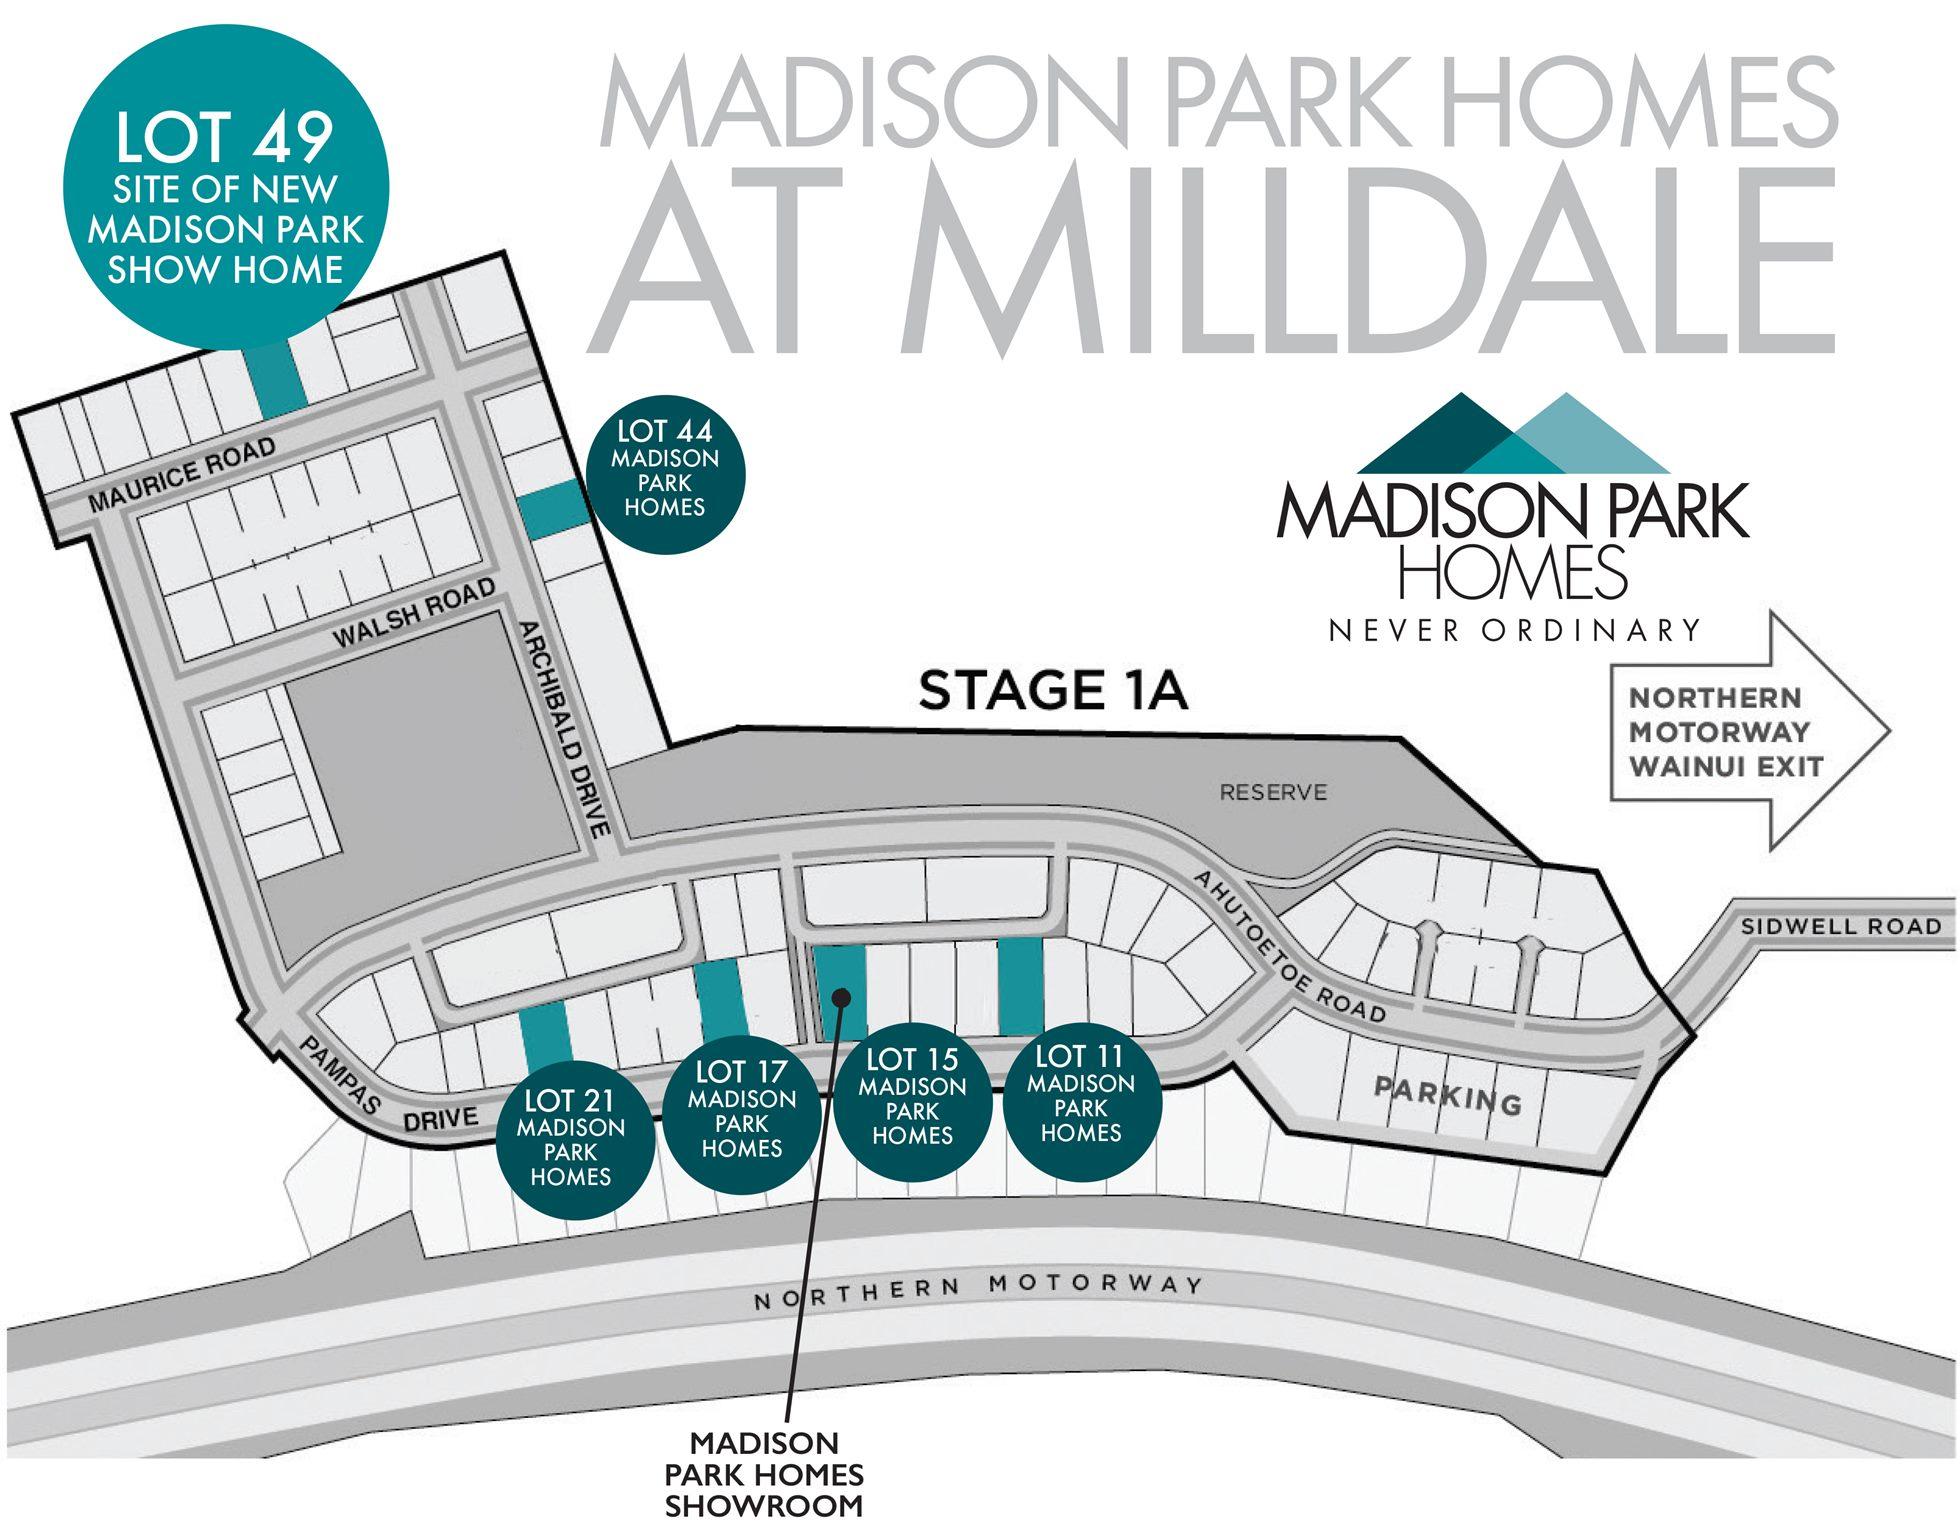 Lot 17 - Milldale